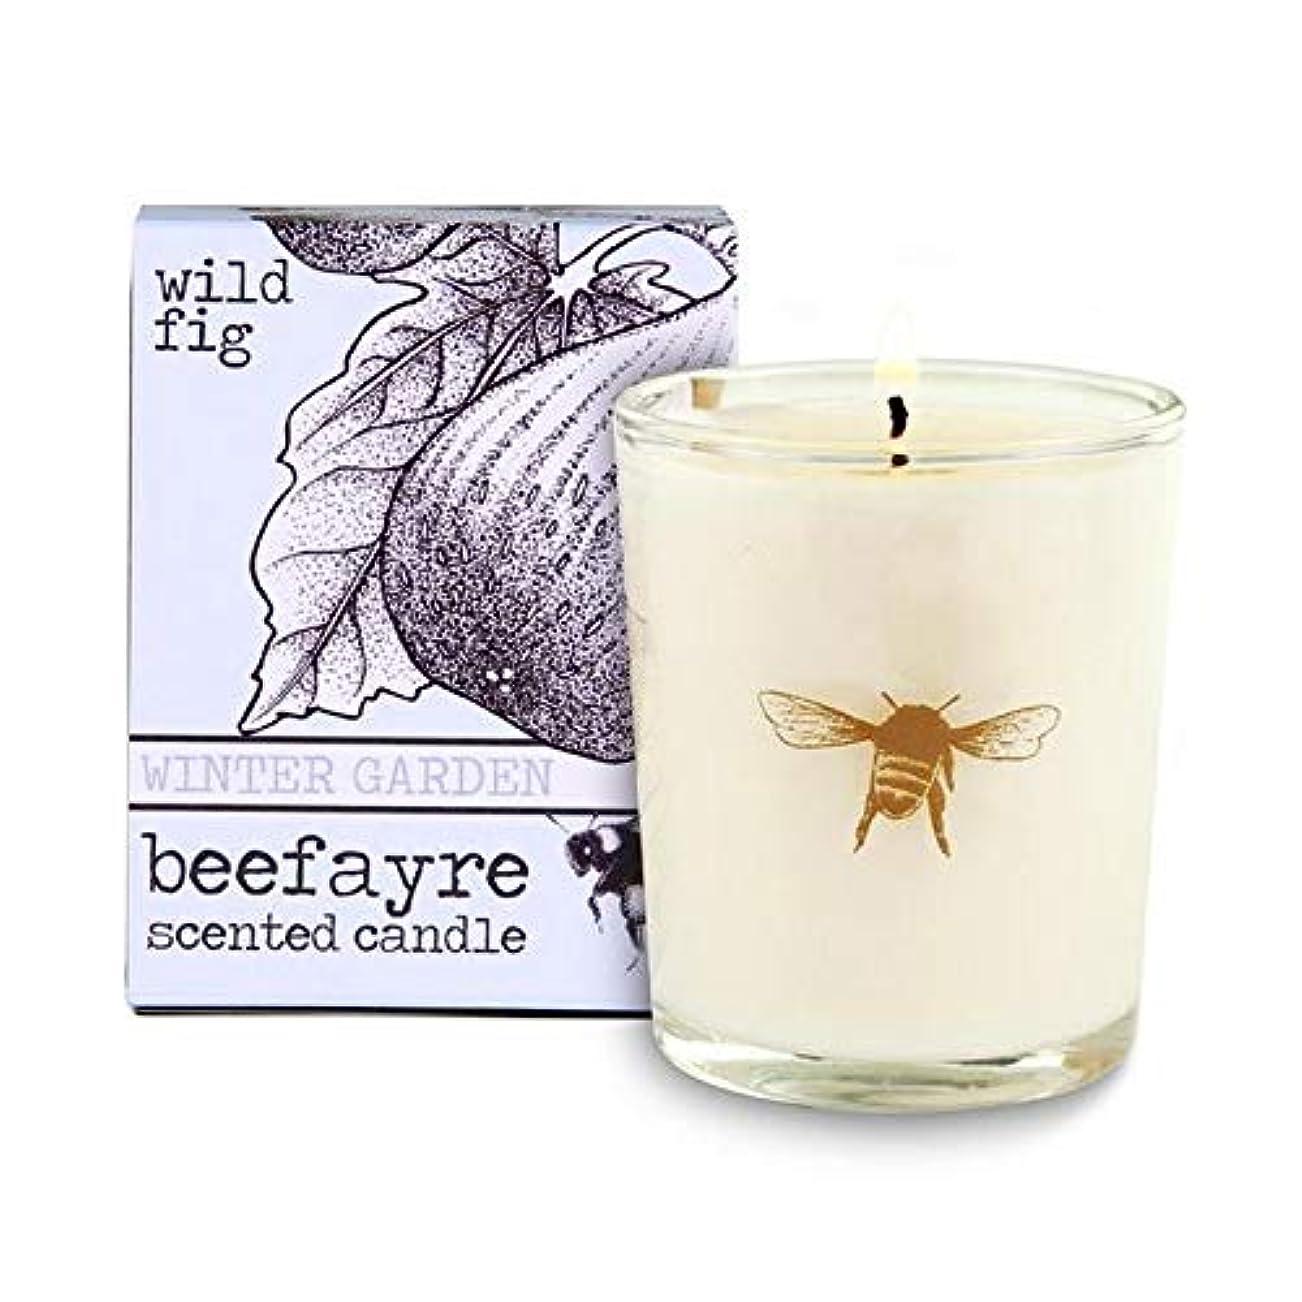 トライアスロンアクセル通路[Beefayre] 野生のイチジク小さな香りのキャンドルBeefayre - Beefayre Wild Fig Small Scented Candle [並行輸入品]